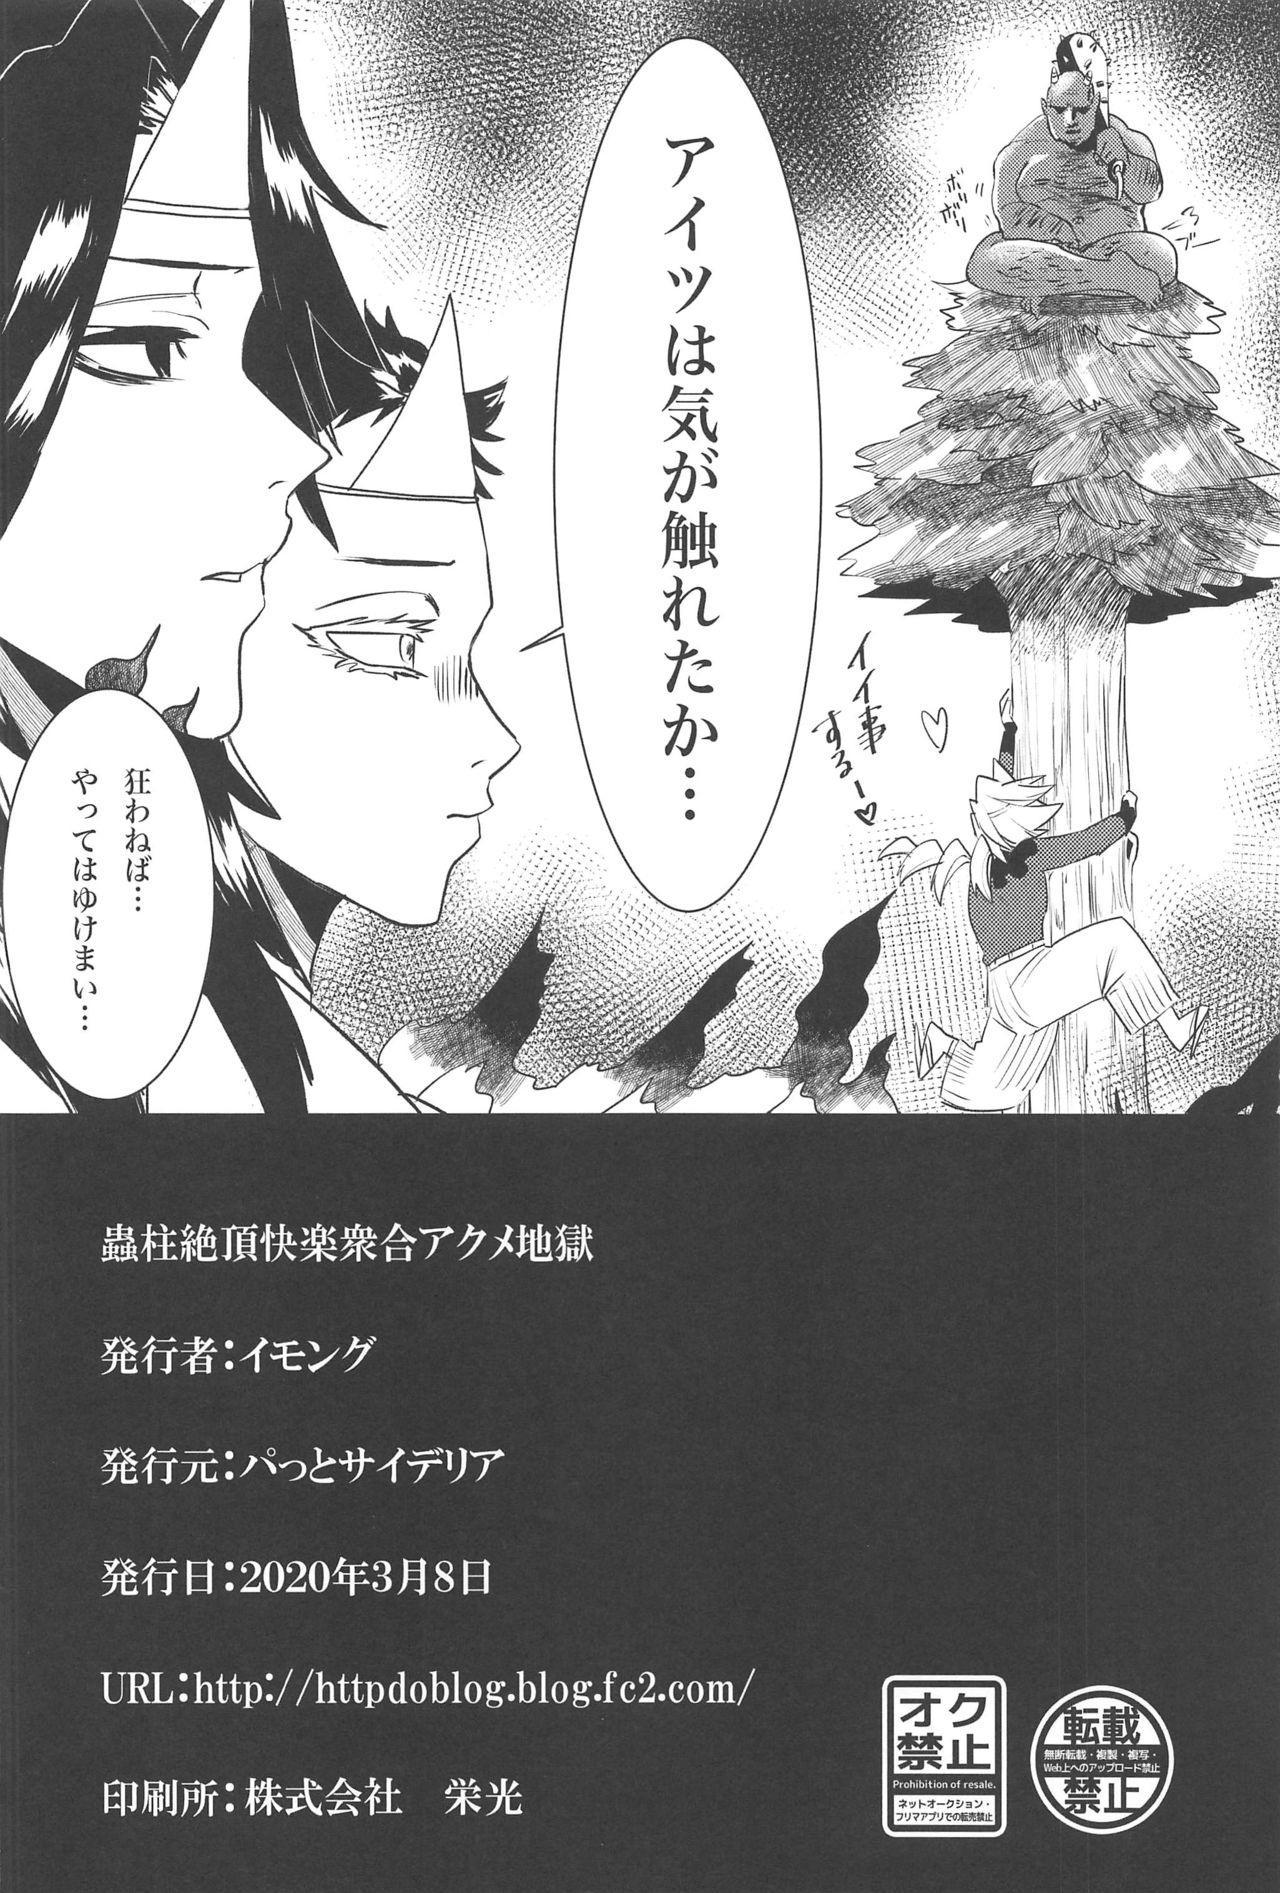 Mushibashira Zecchou Kairaku Shugou Acme Jigoku 20